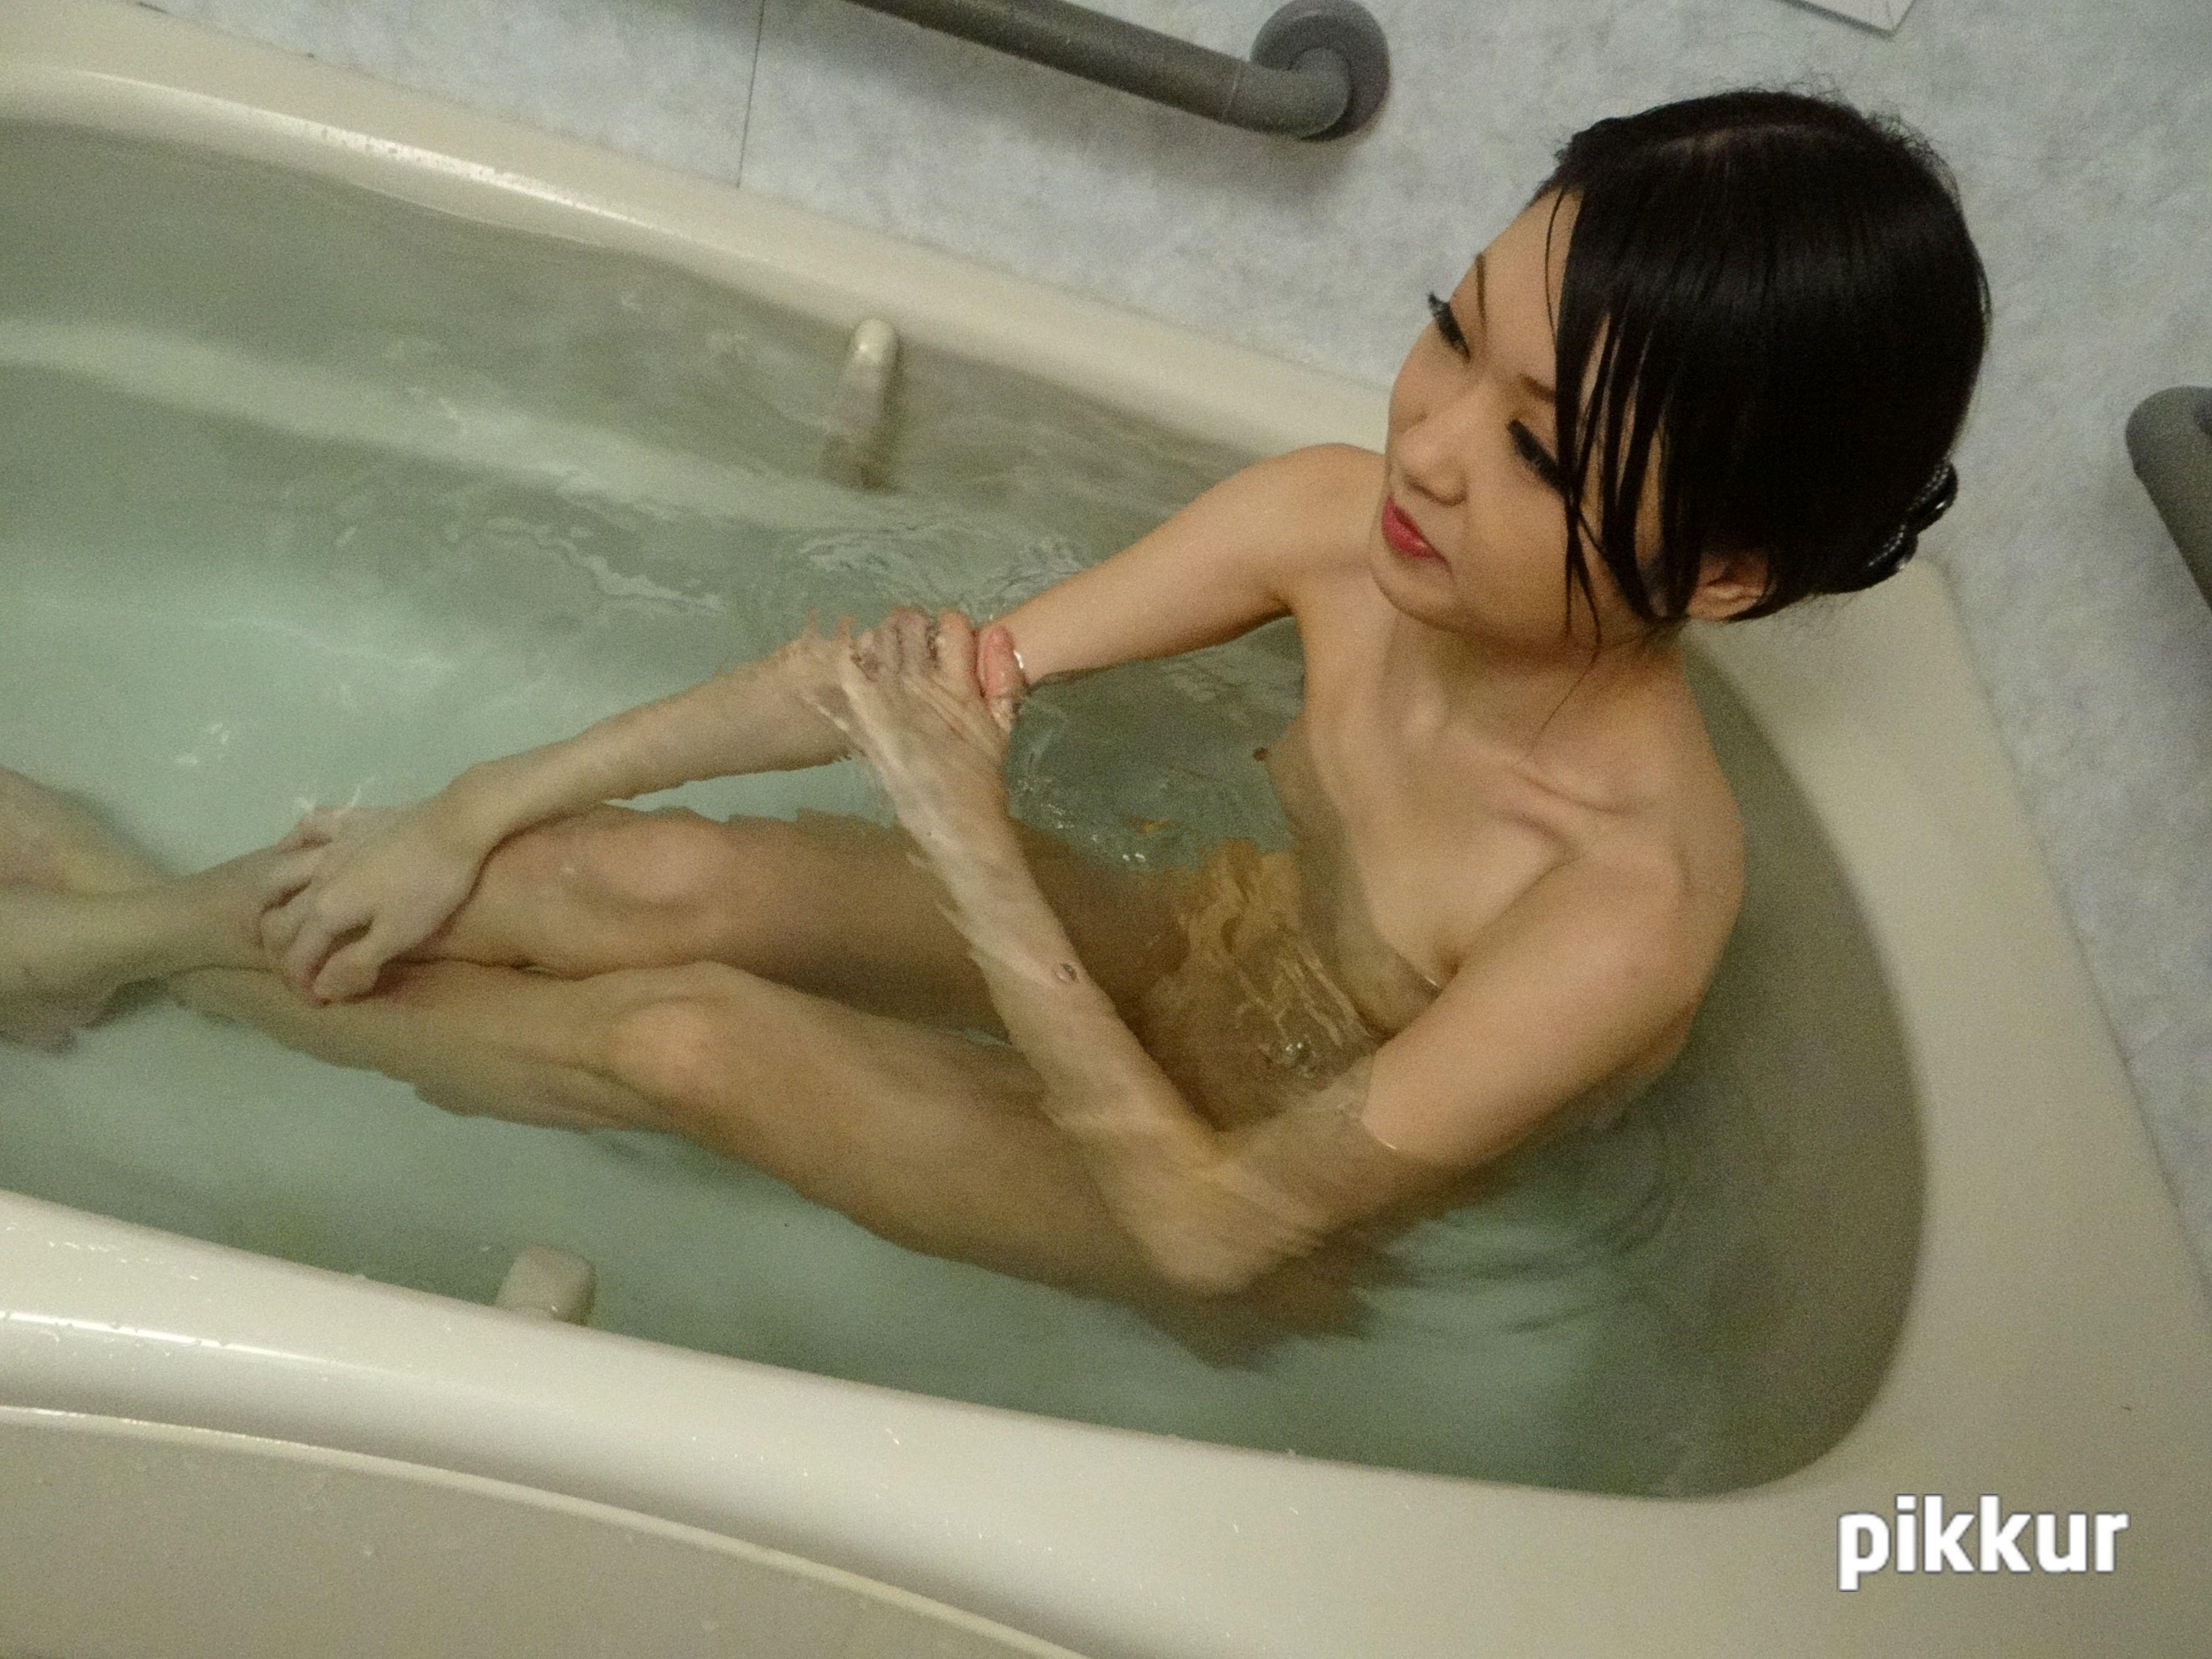 薬局で働く貧乳だけど感度抜群の素人女子がバイト感覚でま〇こ丸見えのジャポルノに出ちゃいました。 Part.2 相田瞳 01